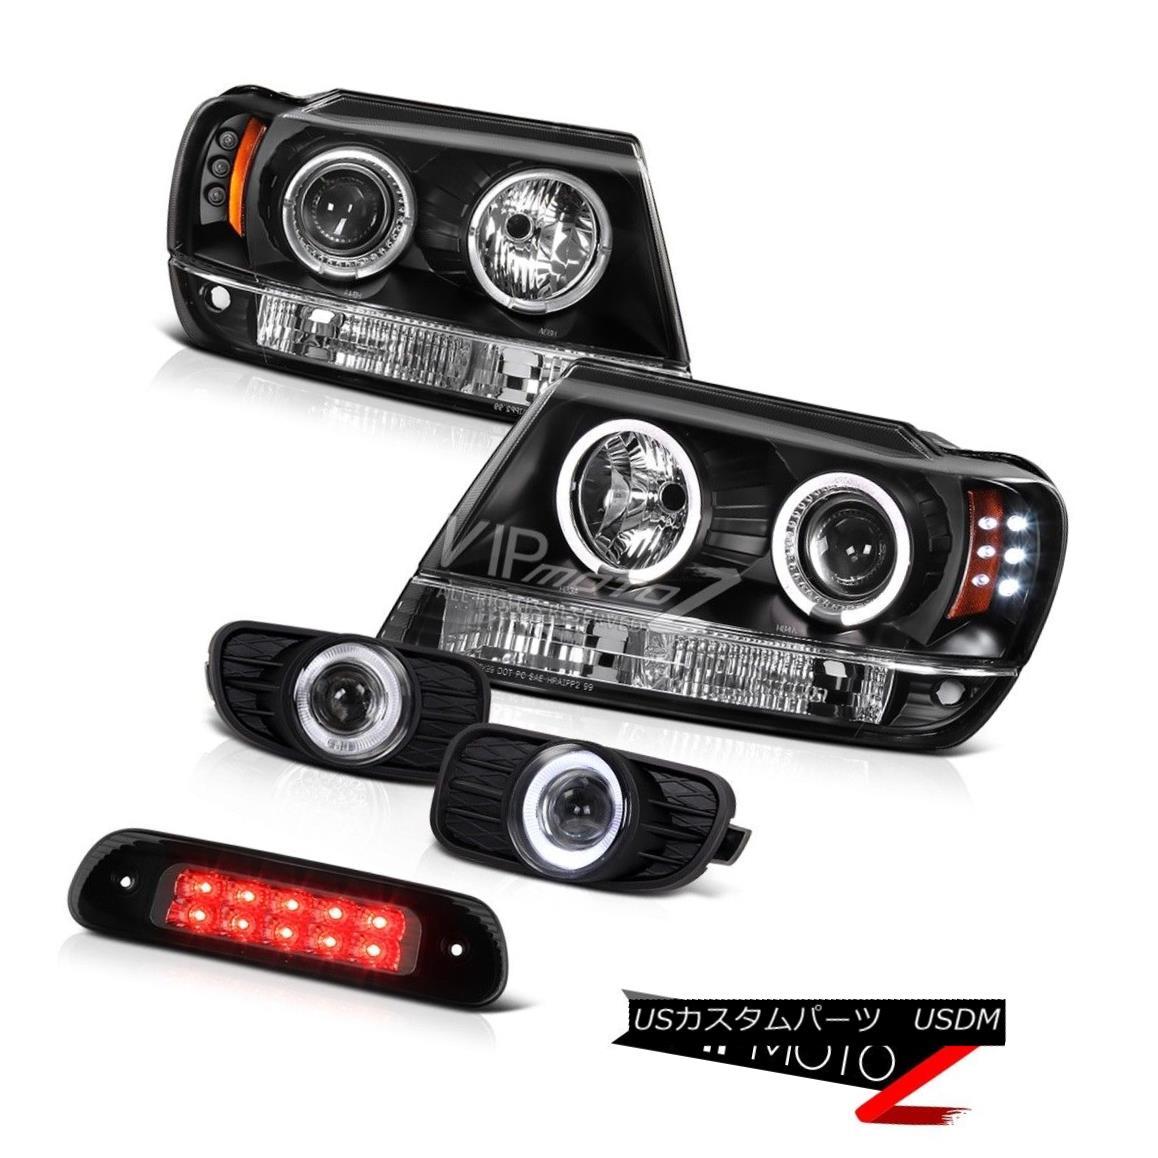 テールライト 99-03 Jeep Grand Cherokee 4X4 Smokey Roof Cab Light Chrome Fog Lights Headlamps 99-03ジープグランドチェロキー4X4スモーキールーフキャブライトクロームフォグライトヘッドランプ